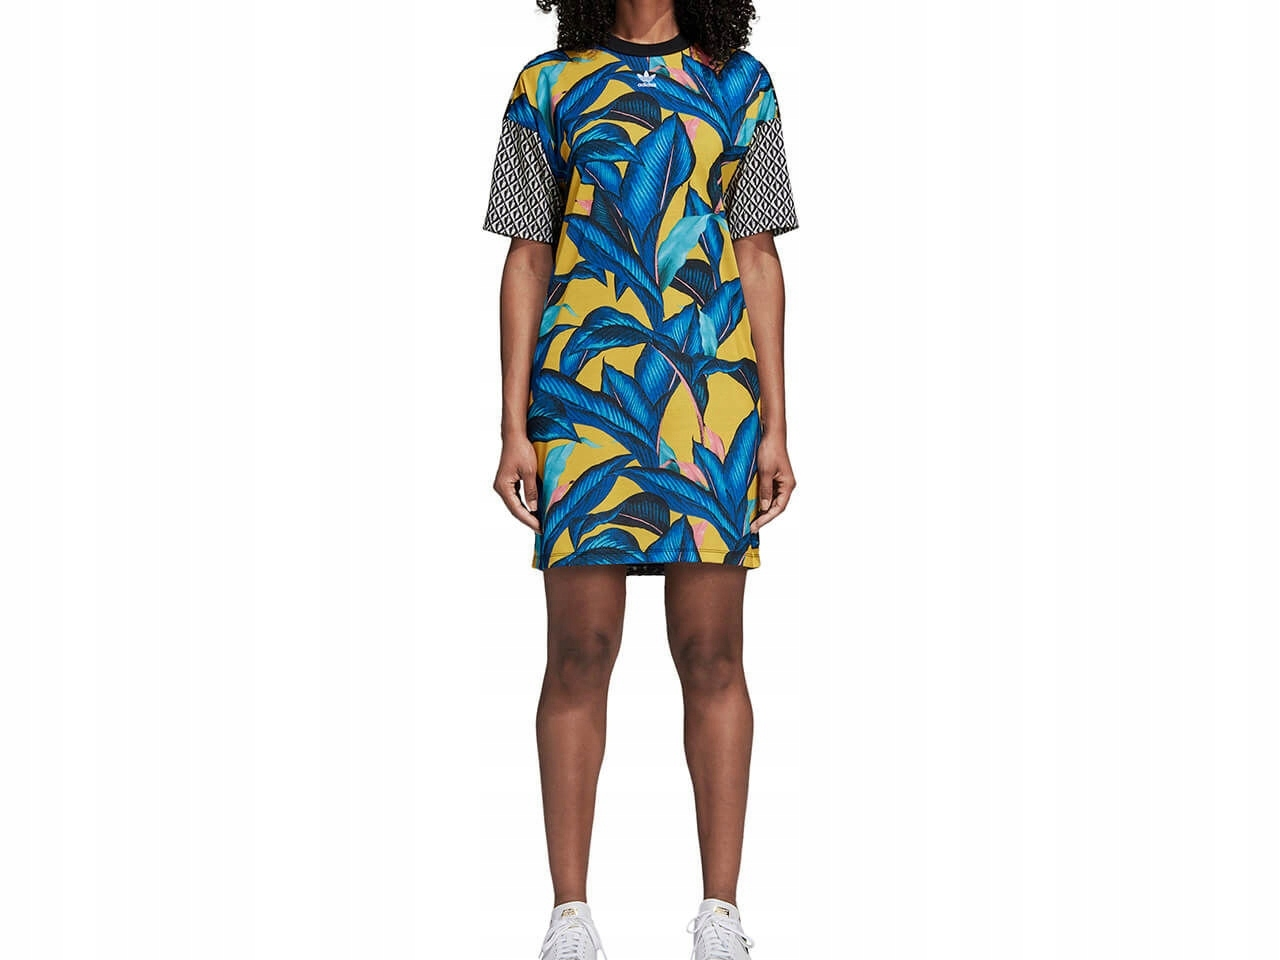 51011ecc4 Sukienka adidas Originals Tee Dress DH3057 # M - 7561363412 ...